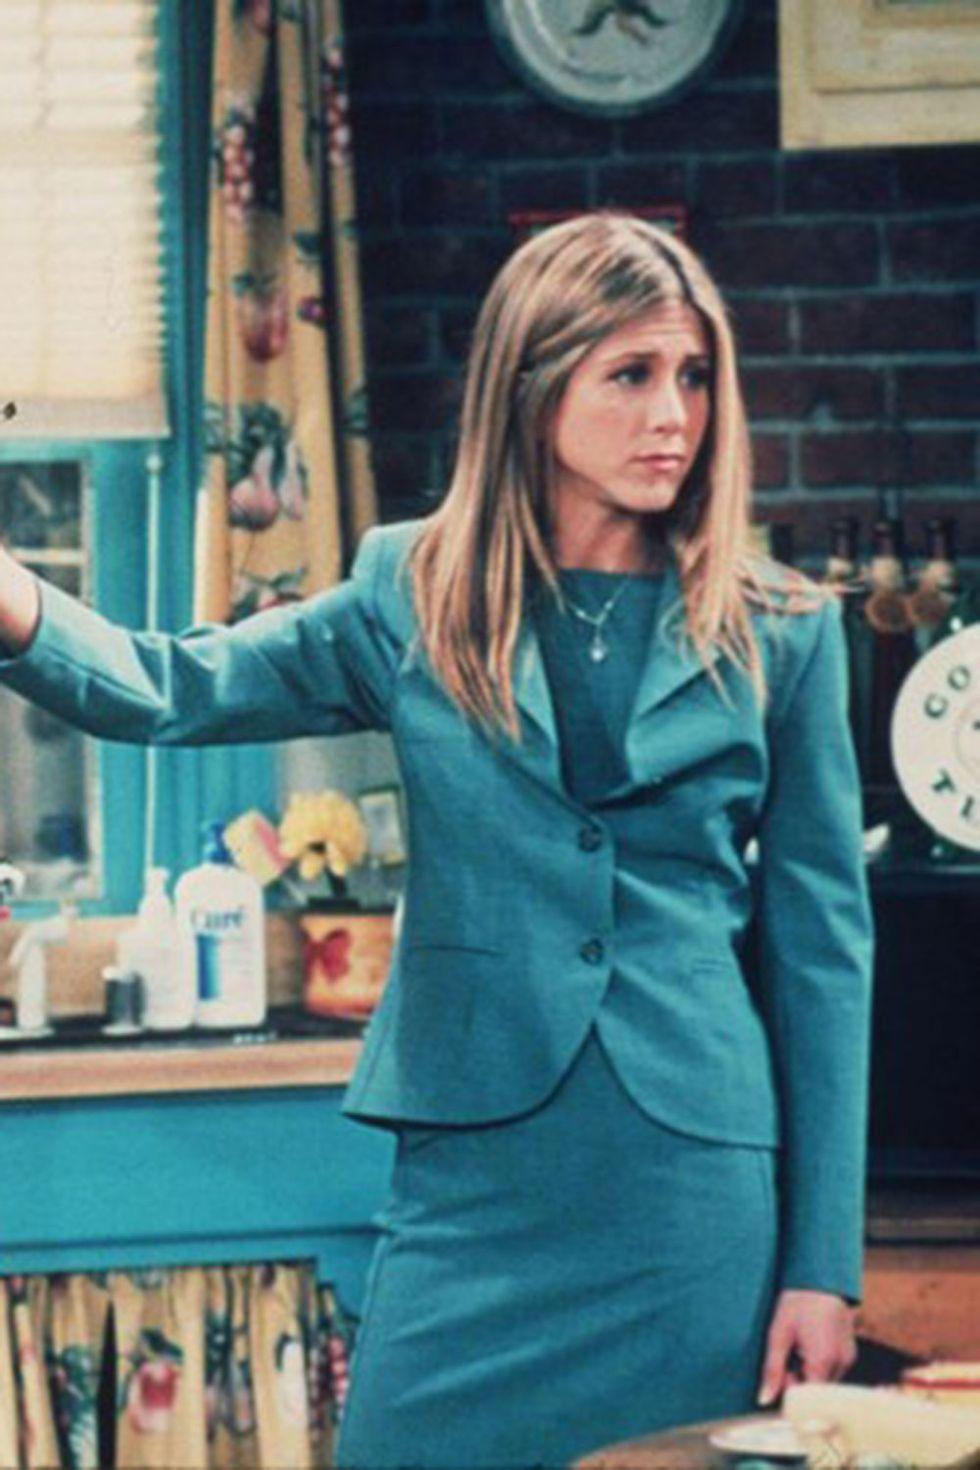 Úúú, egy jó kis kosztüm! A dolgozó lány a '90-es években.